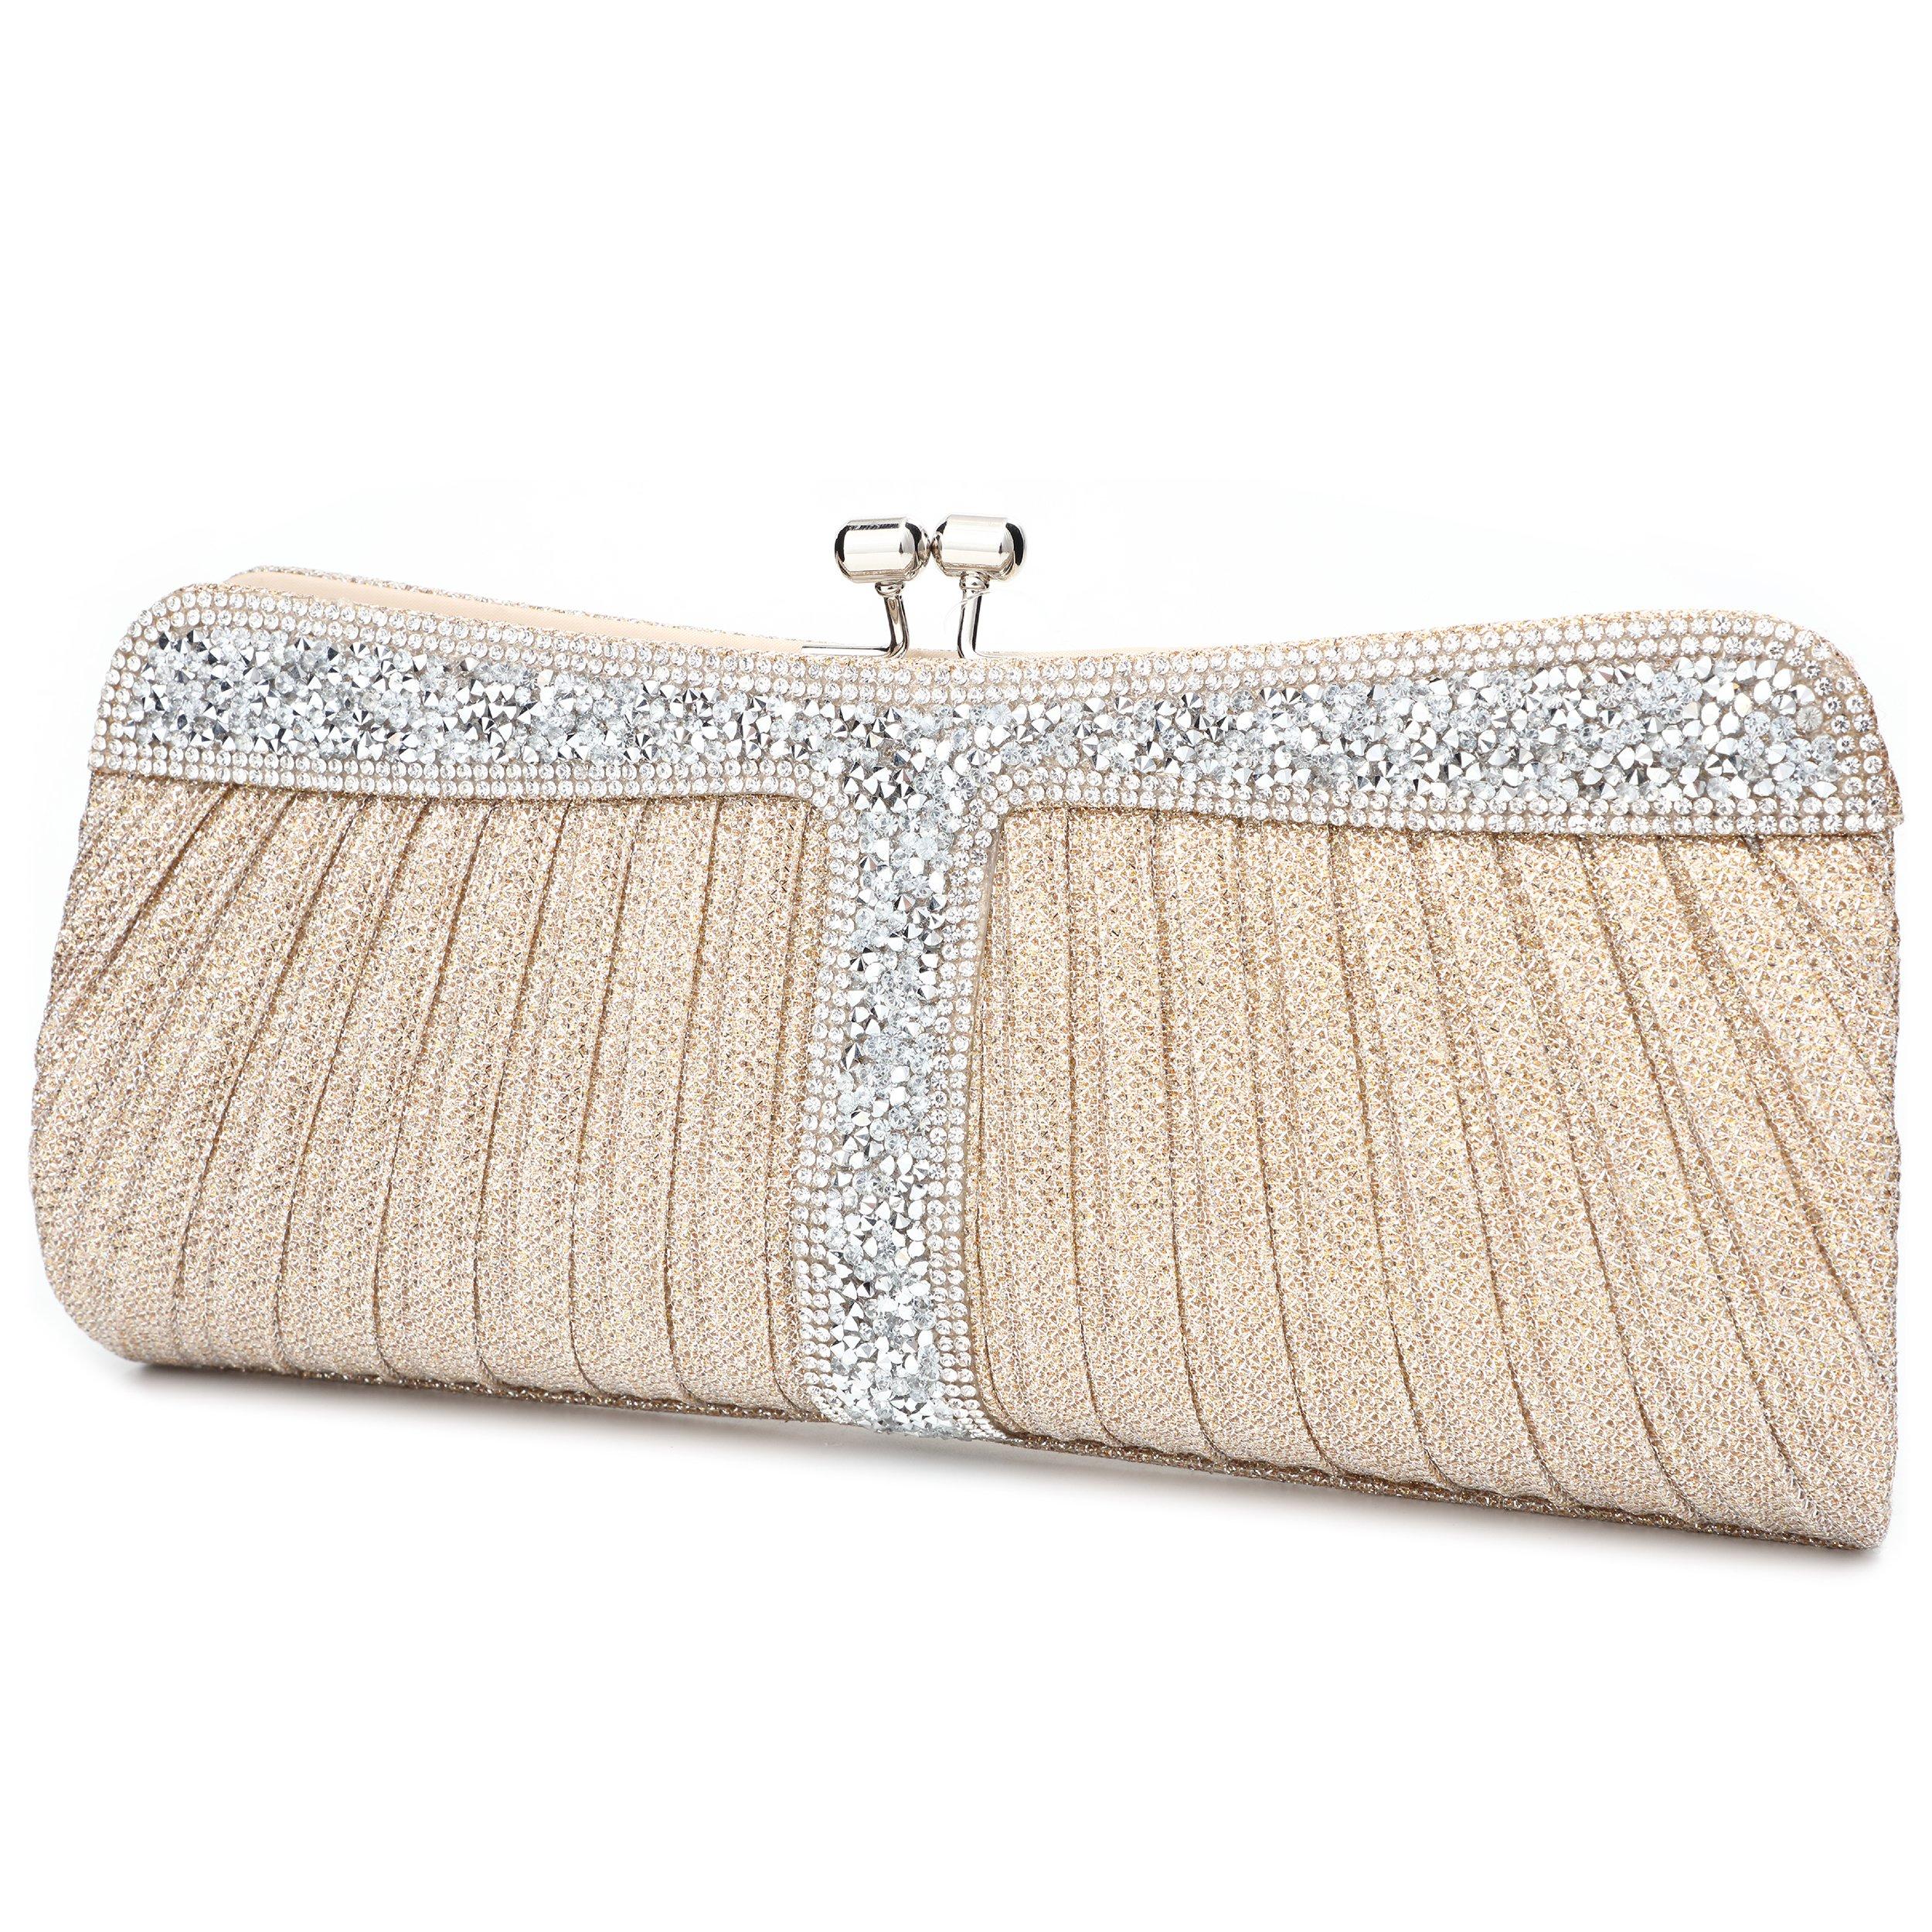 Yojoy Ladies Sparkling Rhinestone Wedding Evening Party Clutch Handbag Purse Chain Shoulder Crossbody Bag (Gold)